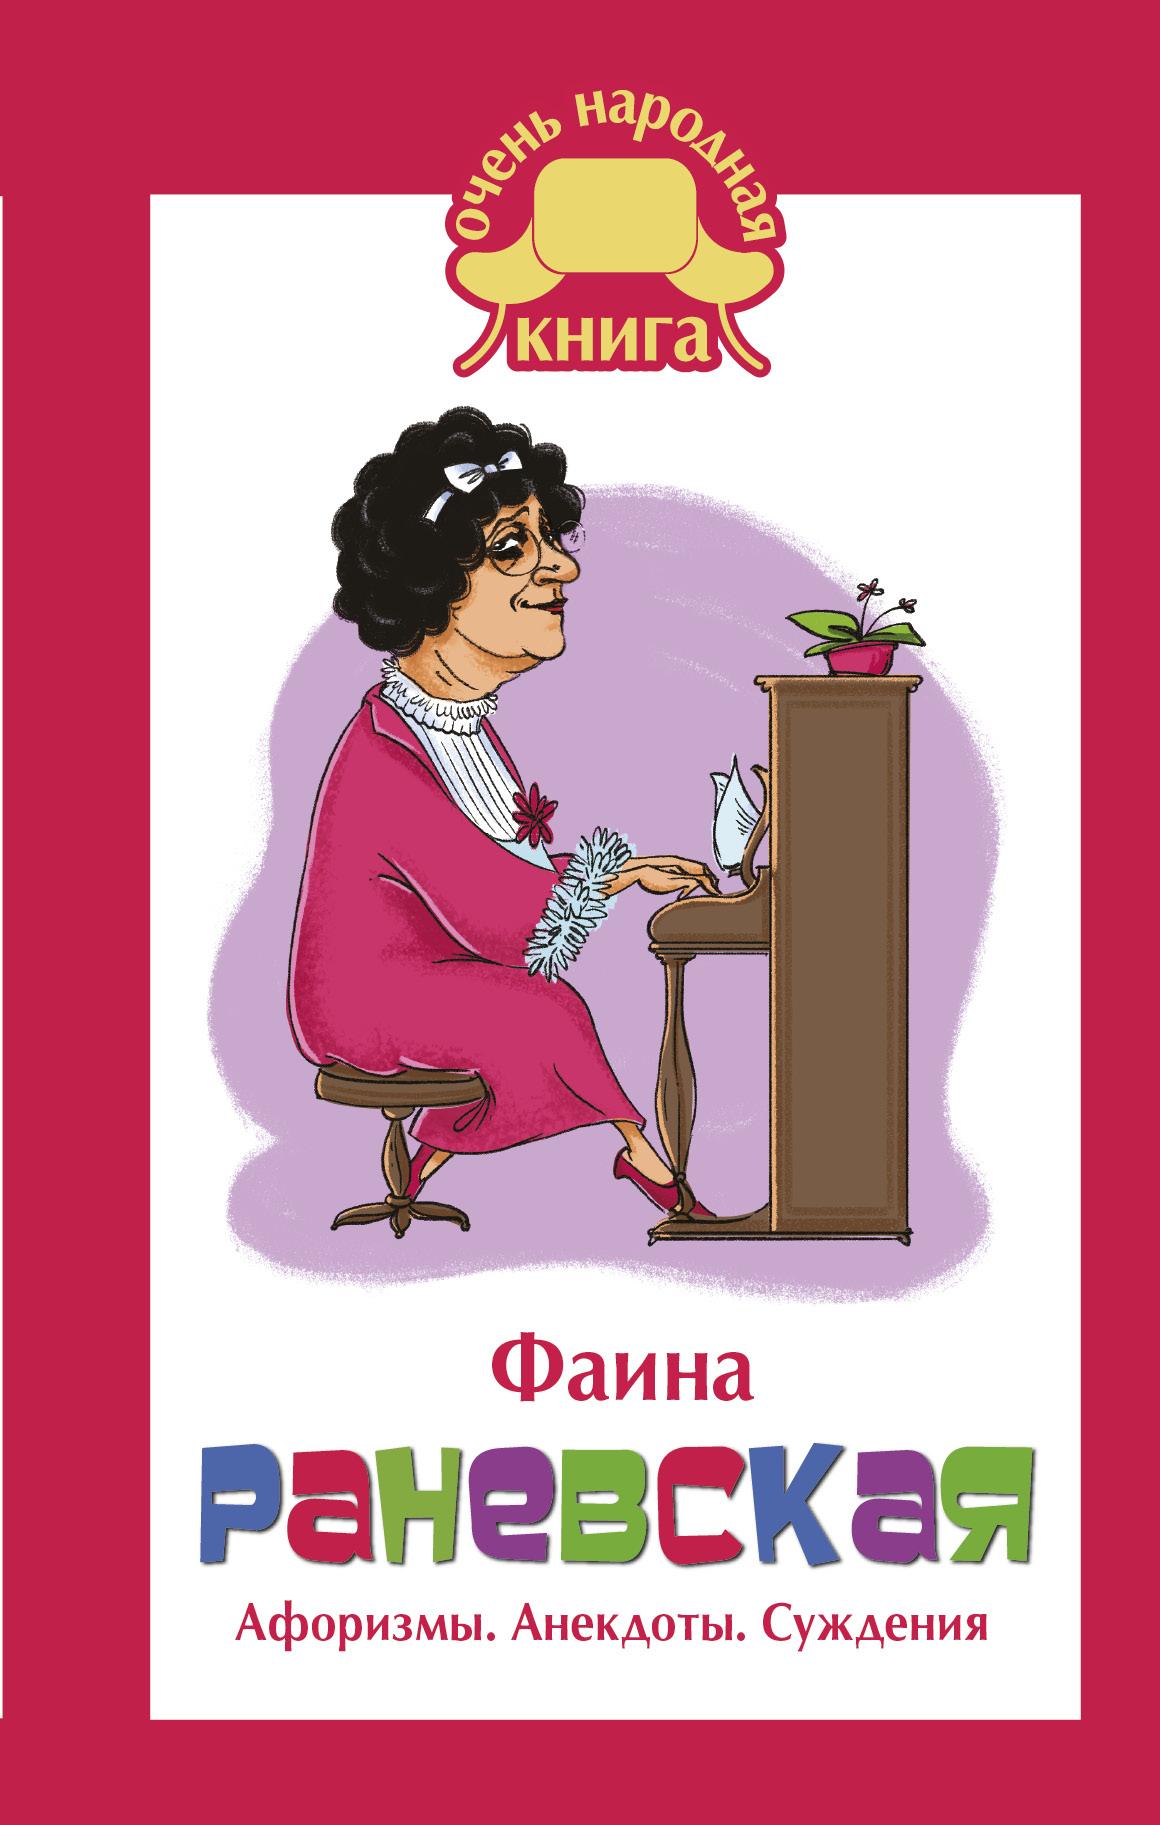 Фаина Раневская. Афоризмы.Анекдоты Суждения.